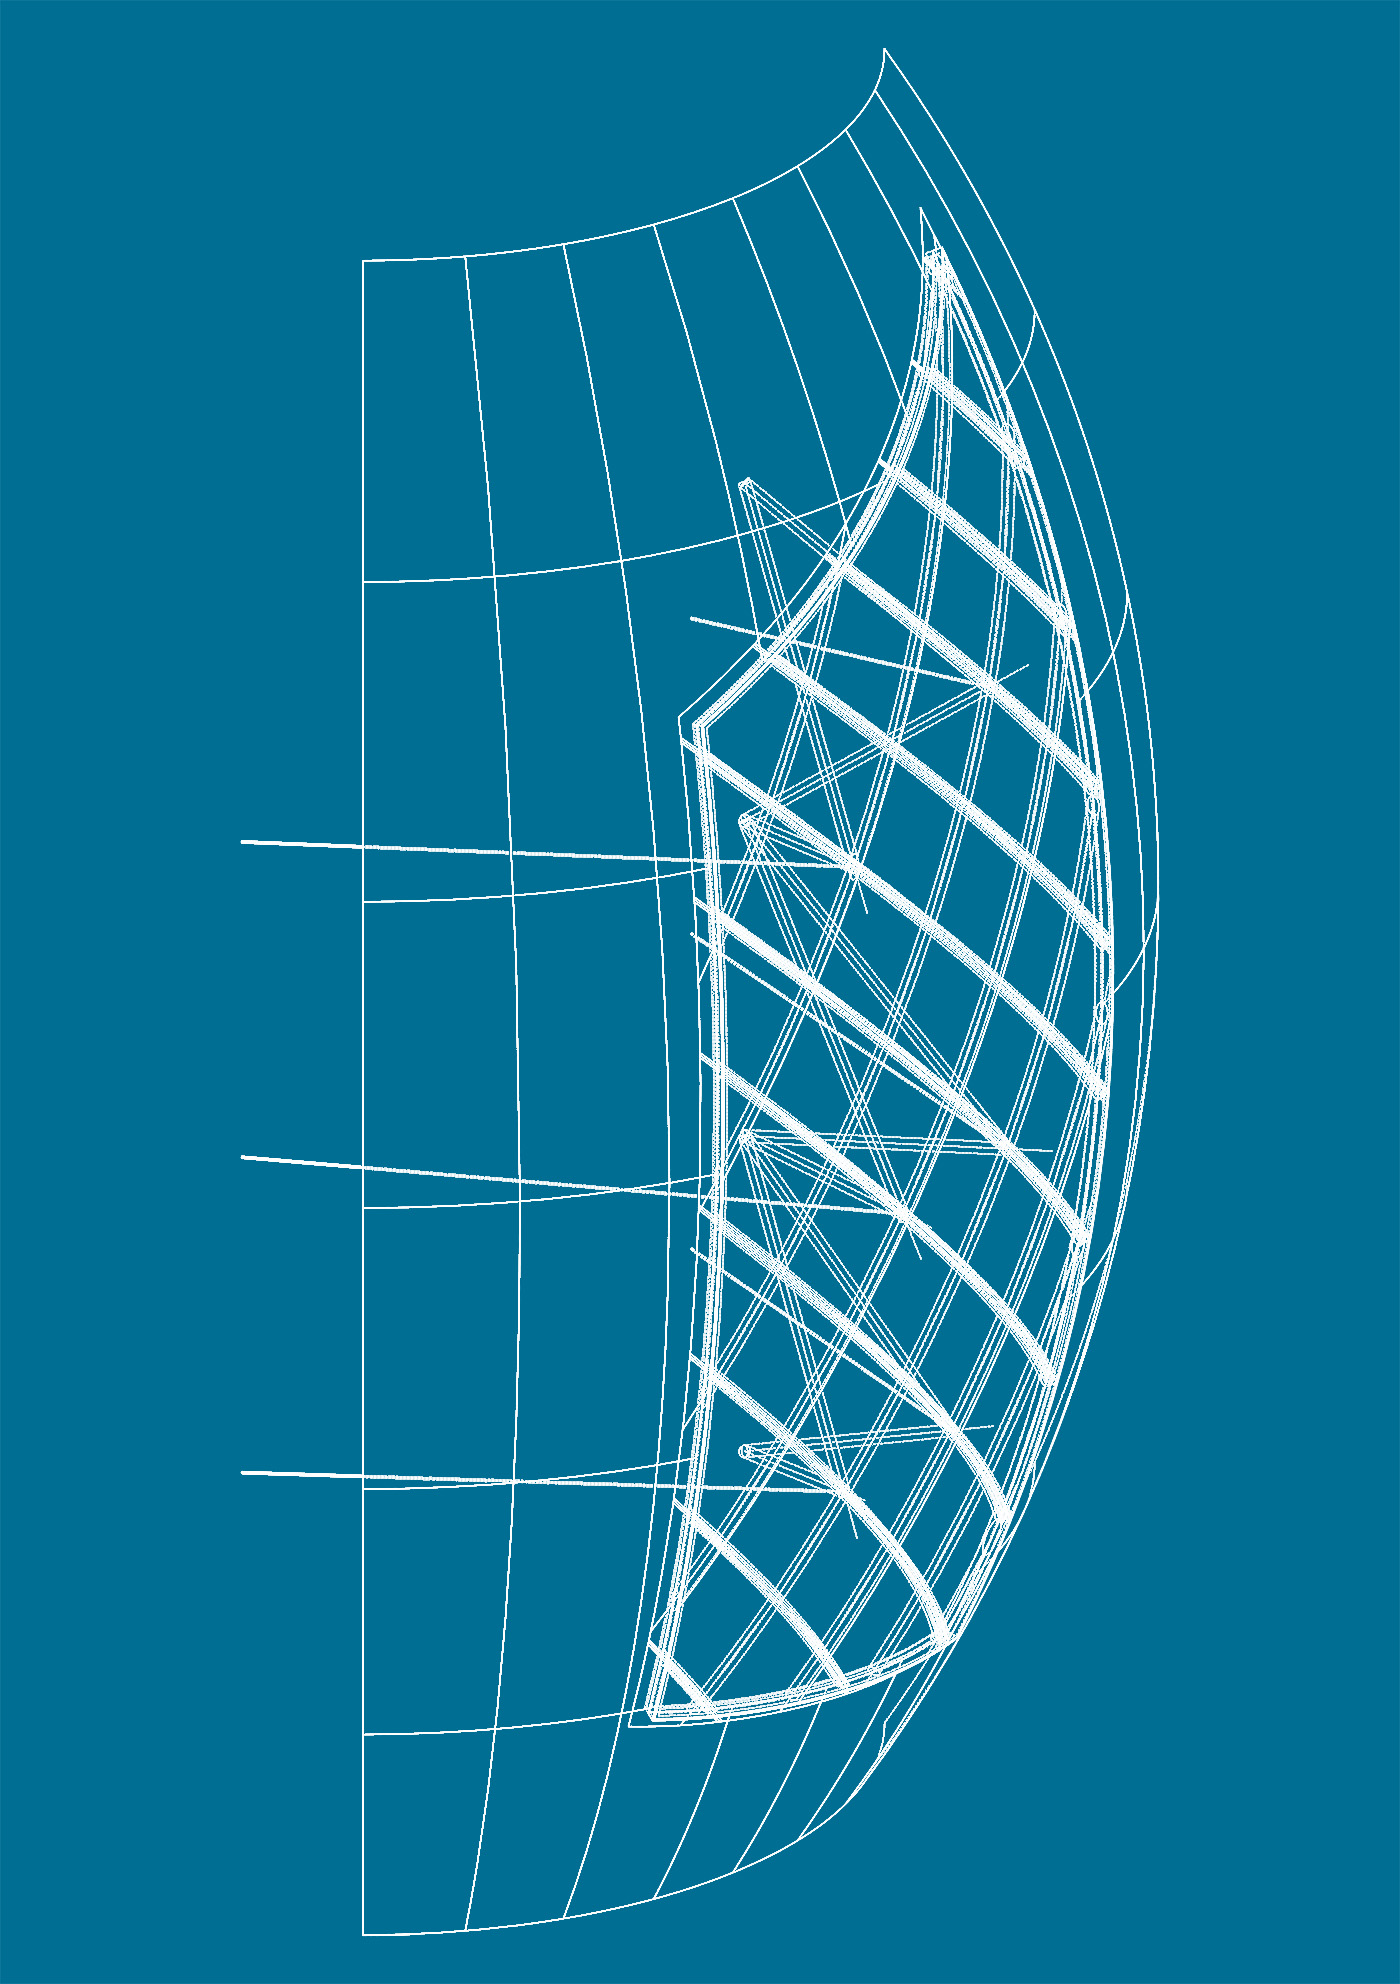 Il nuovo centro sportivo della Sohar University, in Oman, con le sue iconiche vele   project management   schema per l'ingegnerizzazione delle vele   Bottega di Architettura